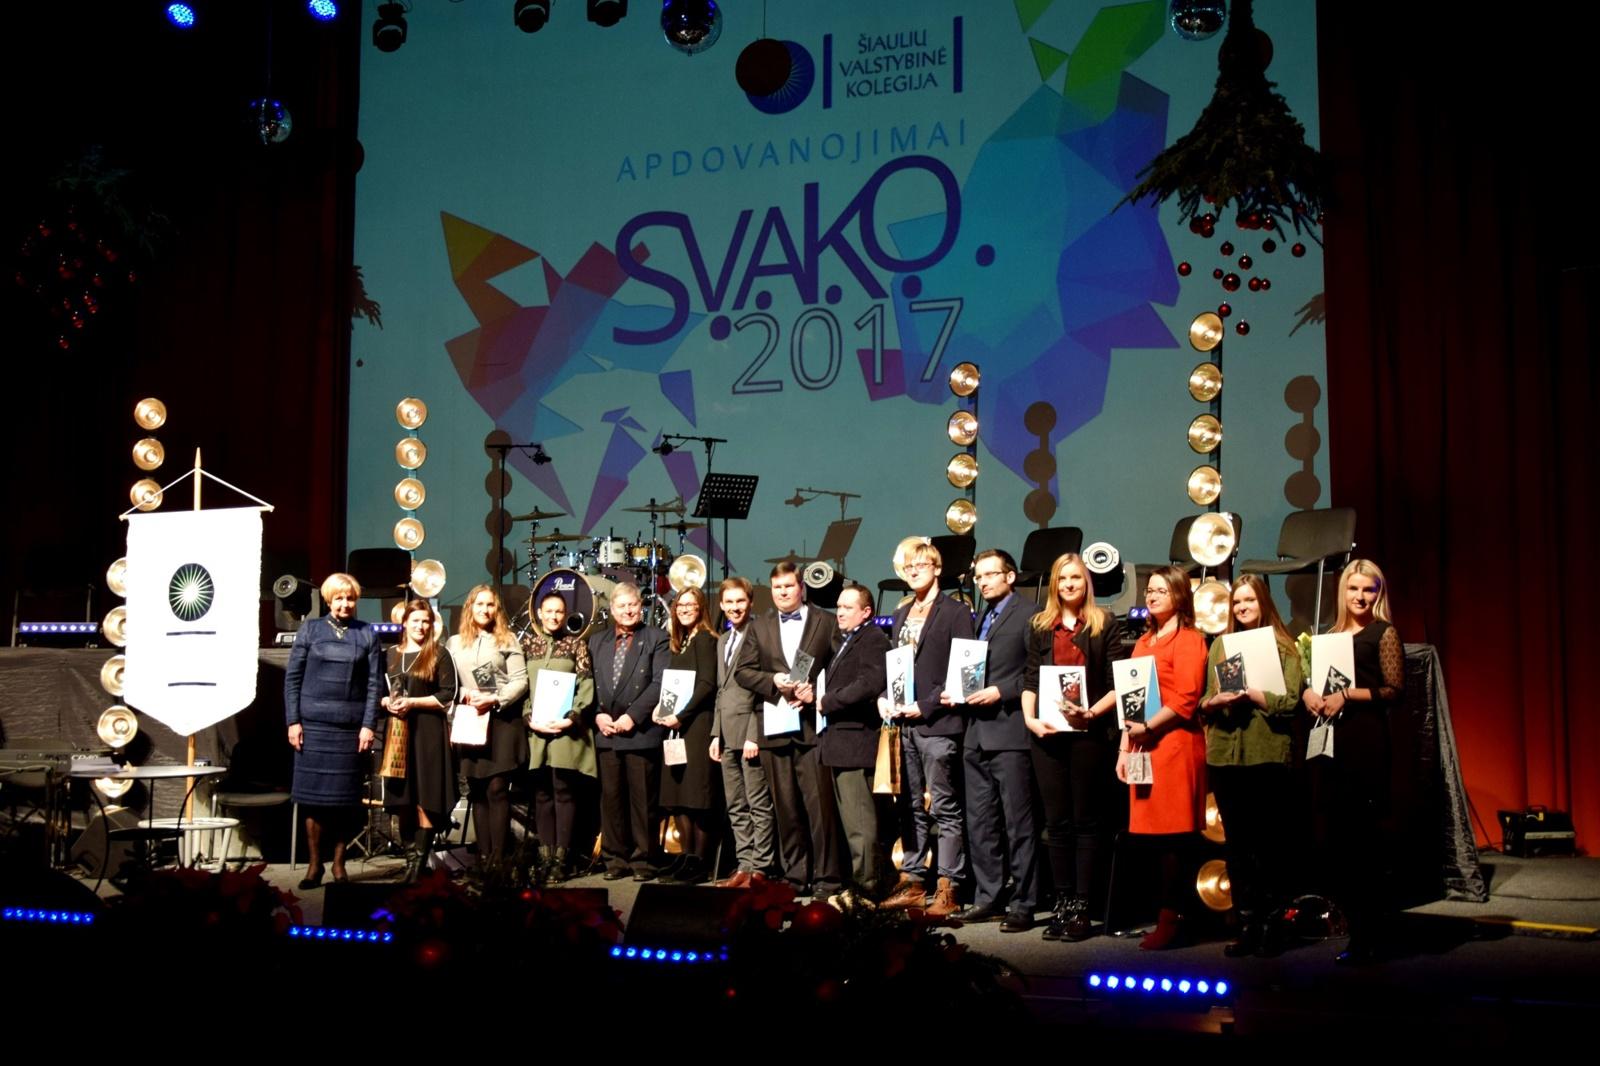 Švenčių išvakarėse – S.V.A.K.O. 2017 apdovanojimai